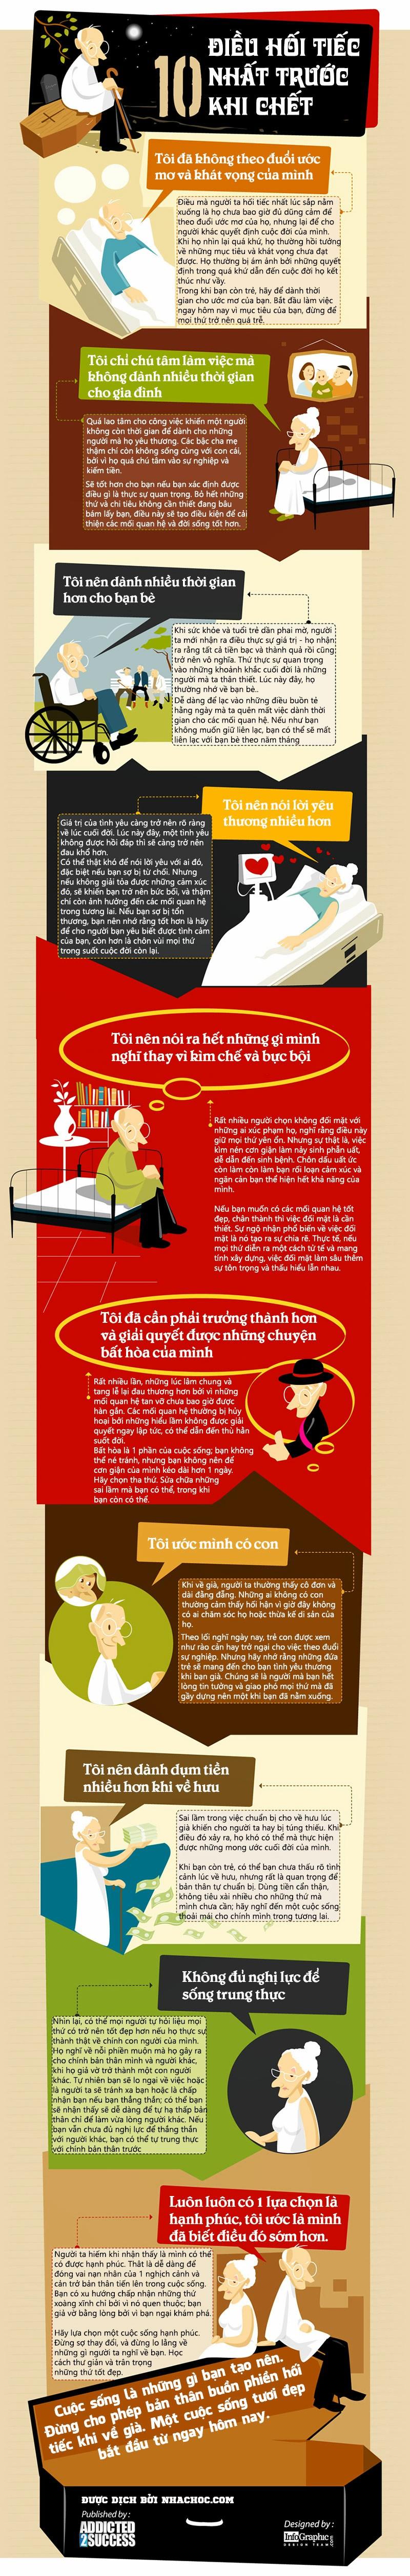 Infographic - Những điều hối tiếc nhất trước khi CHẾT